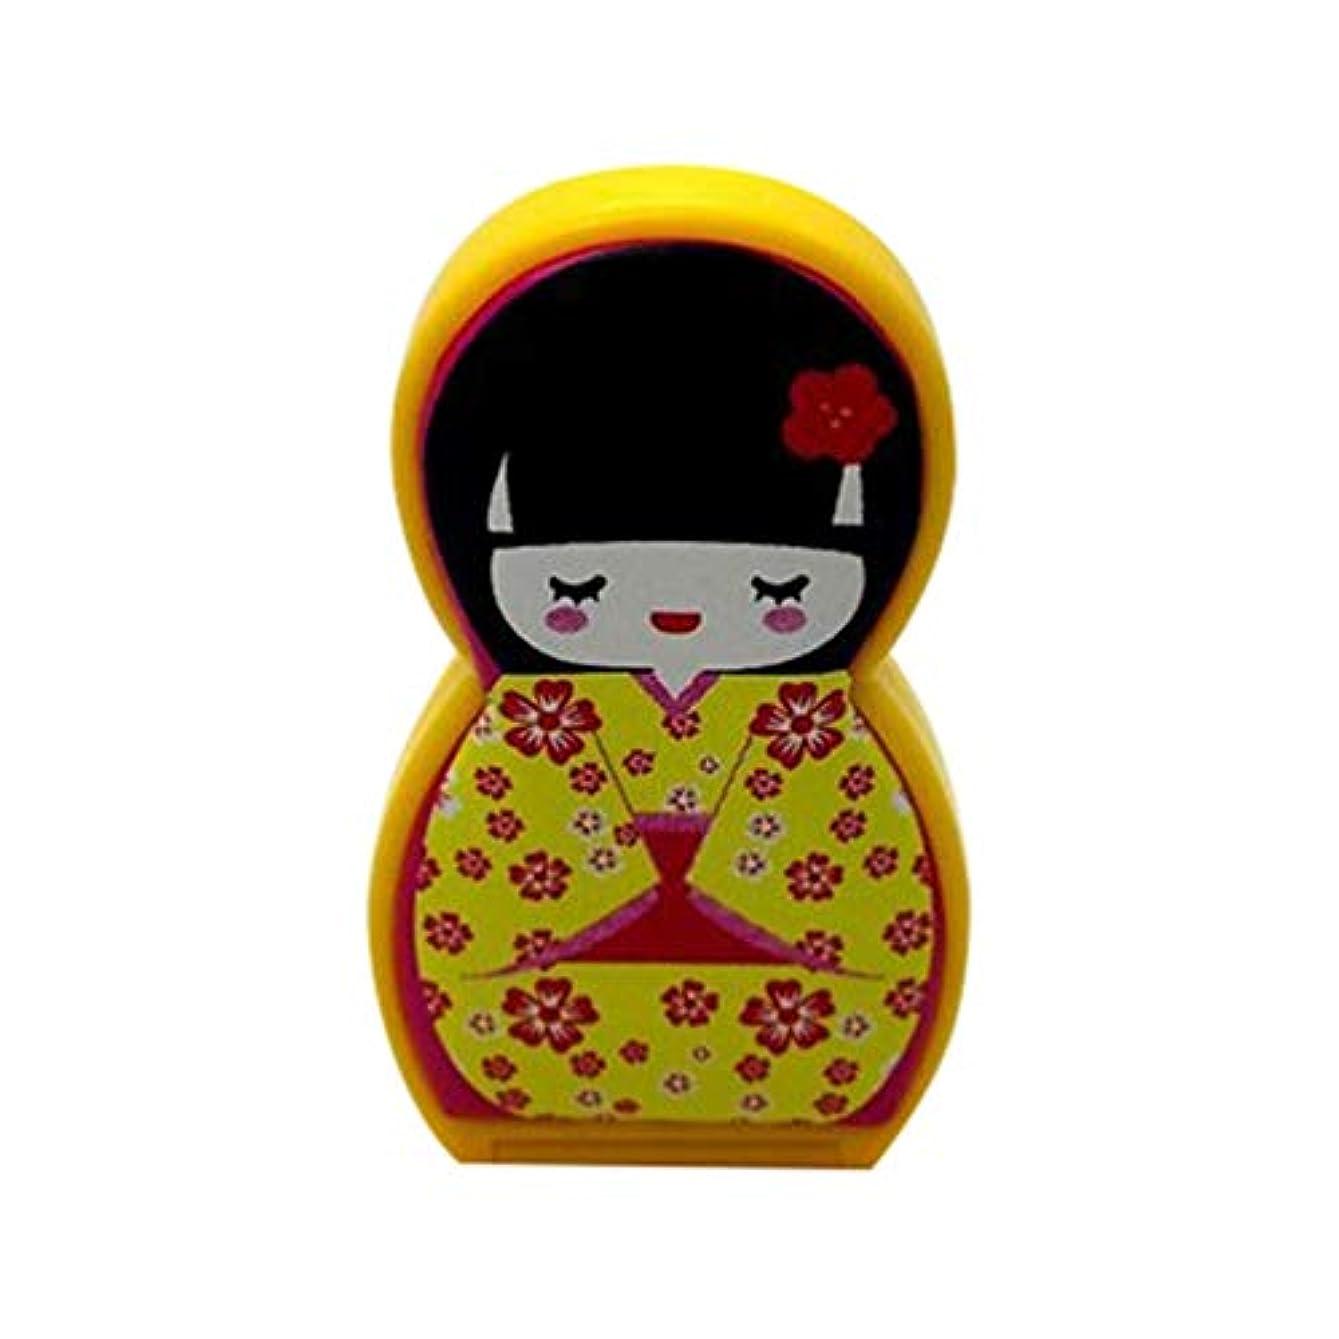 アクロバットフレッシュ三角形Hongma ネイルケアセット マニキュアセット 可愛い 日本人形 ロシア人形 グルーミングキット 爪やすり 爪切りセット 携帯便利 収納ケース付き (日本人形イェロー)